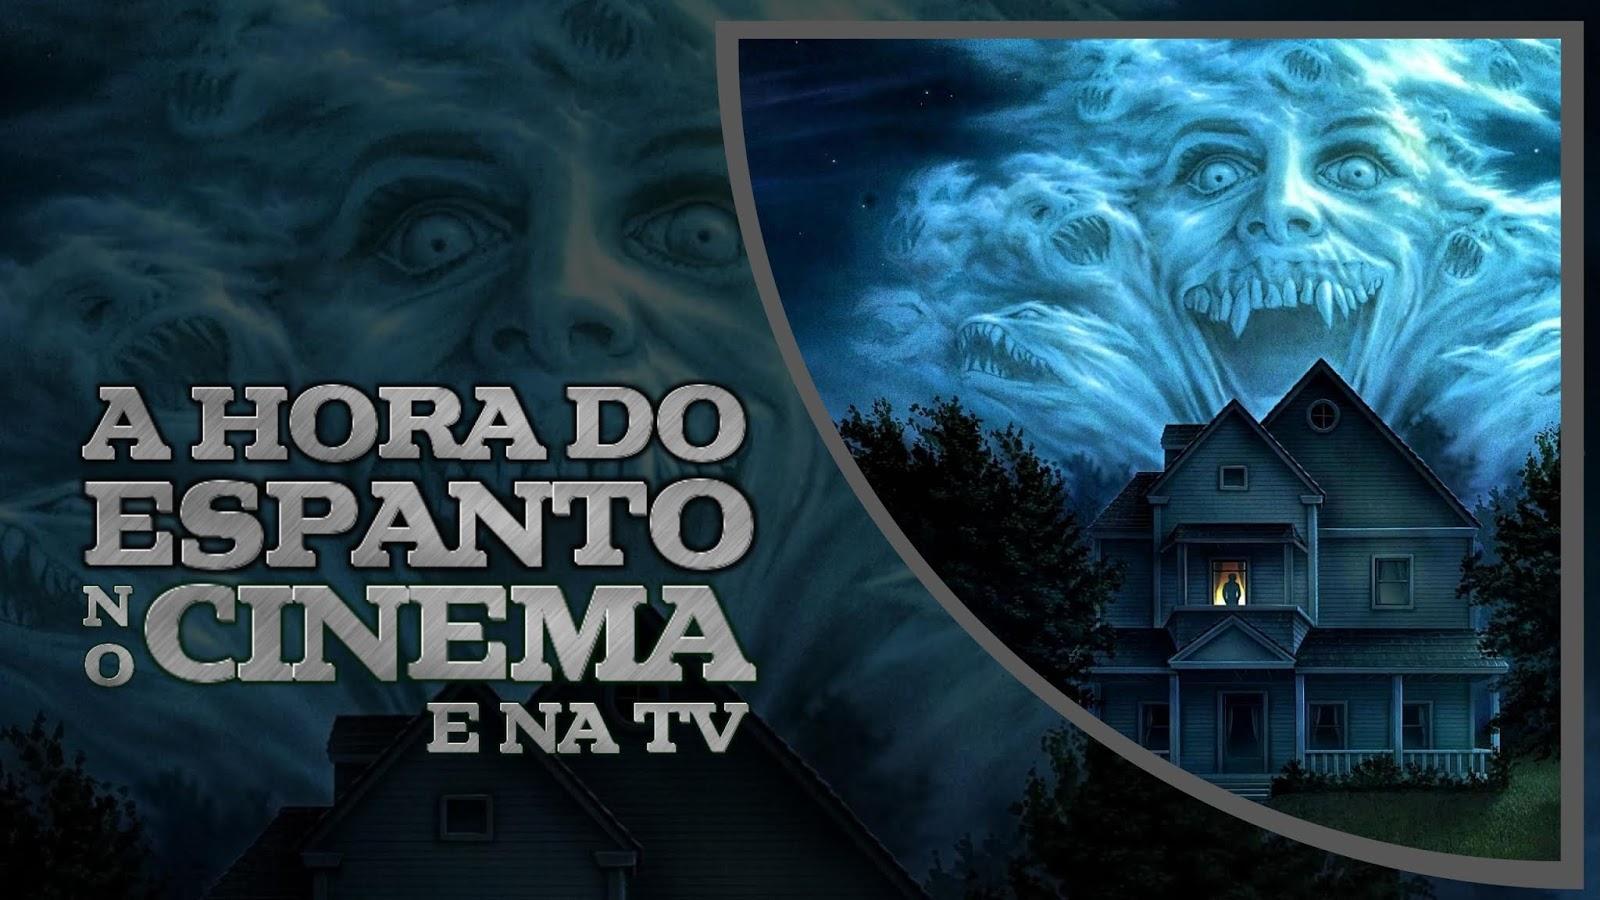 a-hora-do-espanto-no-cinema-tv